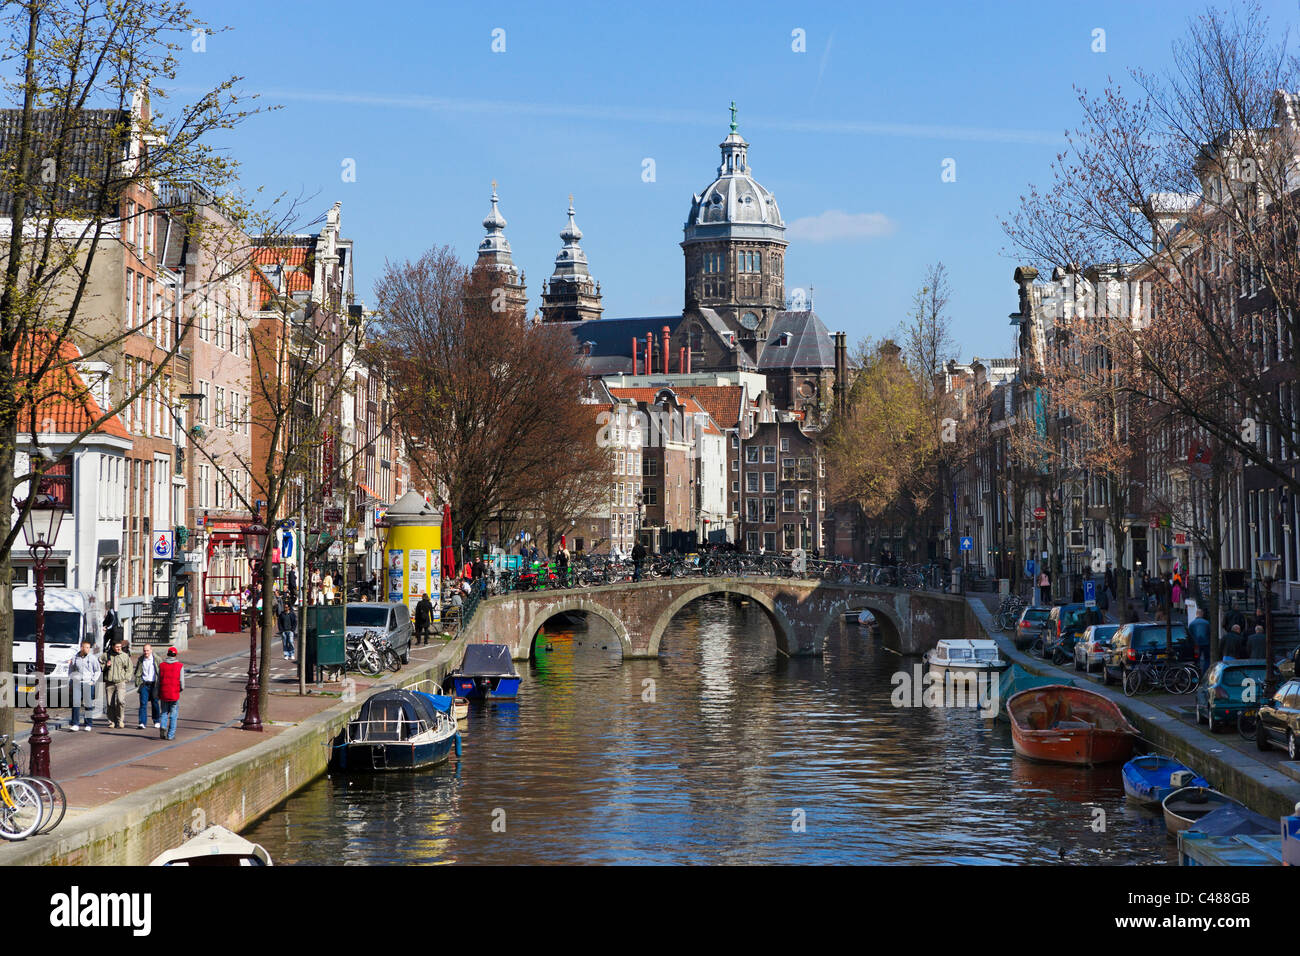 La Sint-Nicolaaskerk (église de St Nicolas) à la fin de l'Oudezijds Voorburgwal, Amsterdam, Pays-Bas Photo Stock